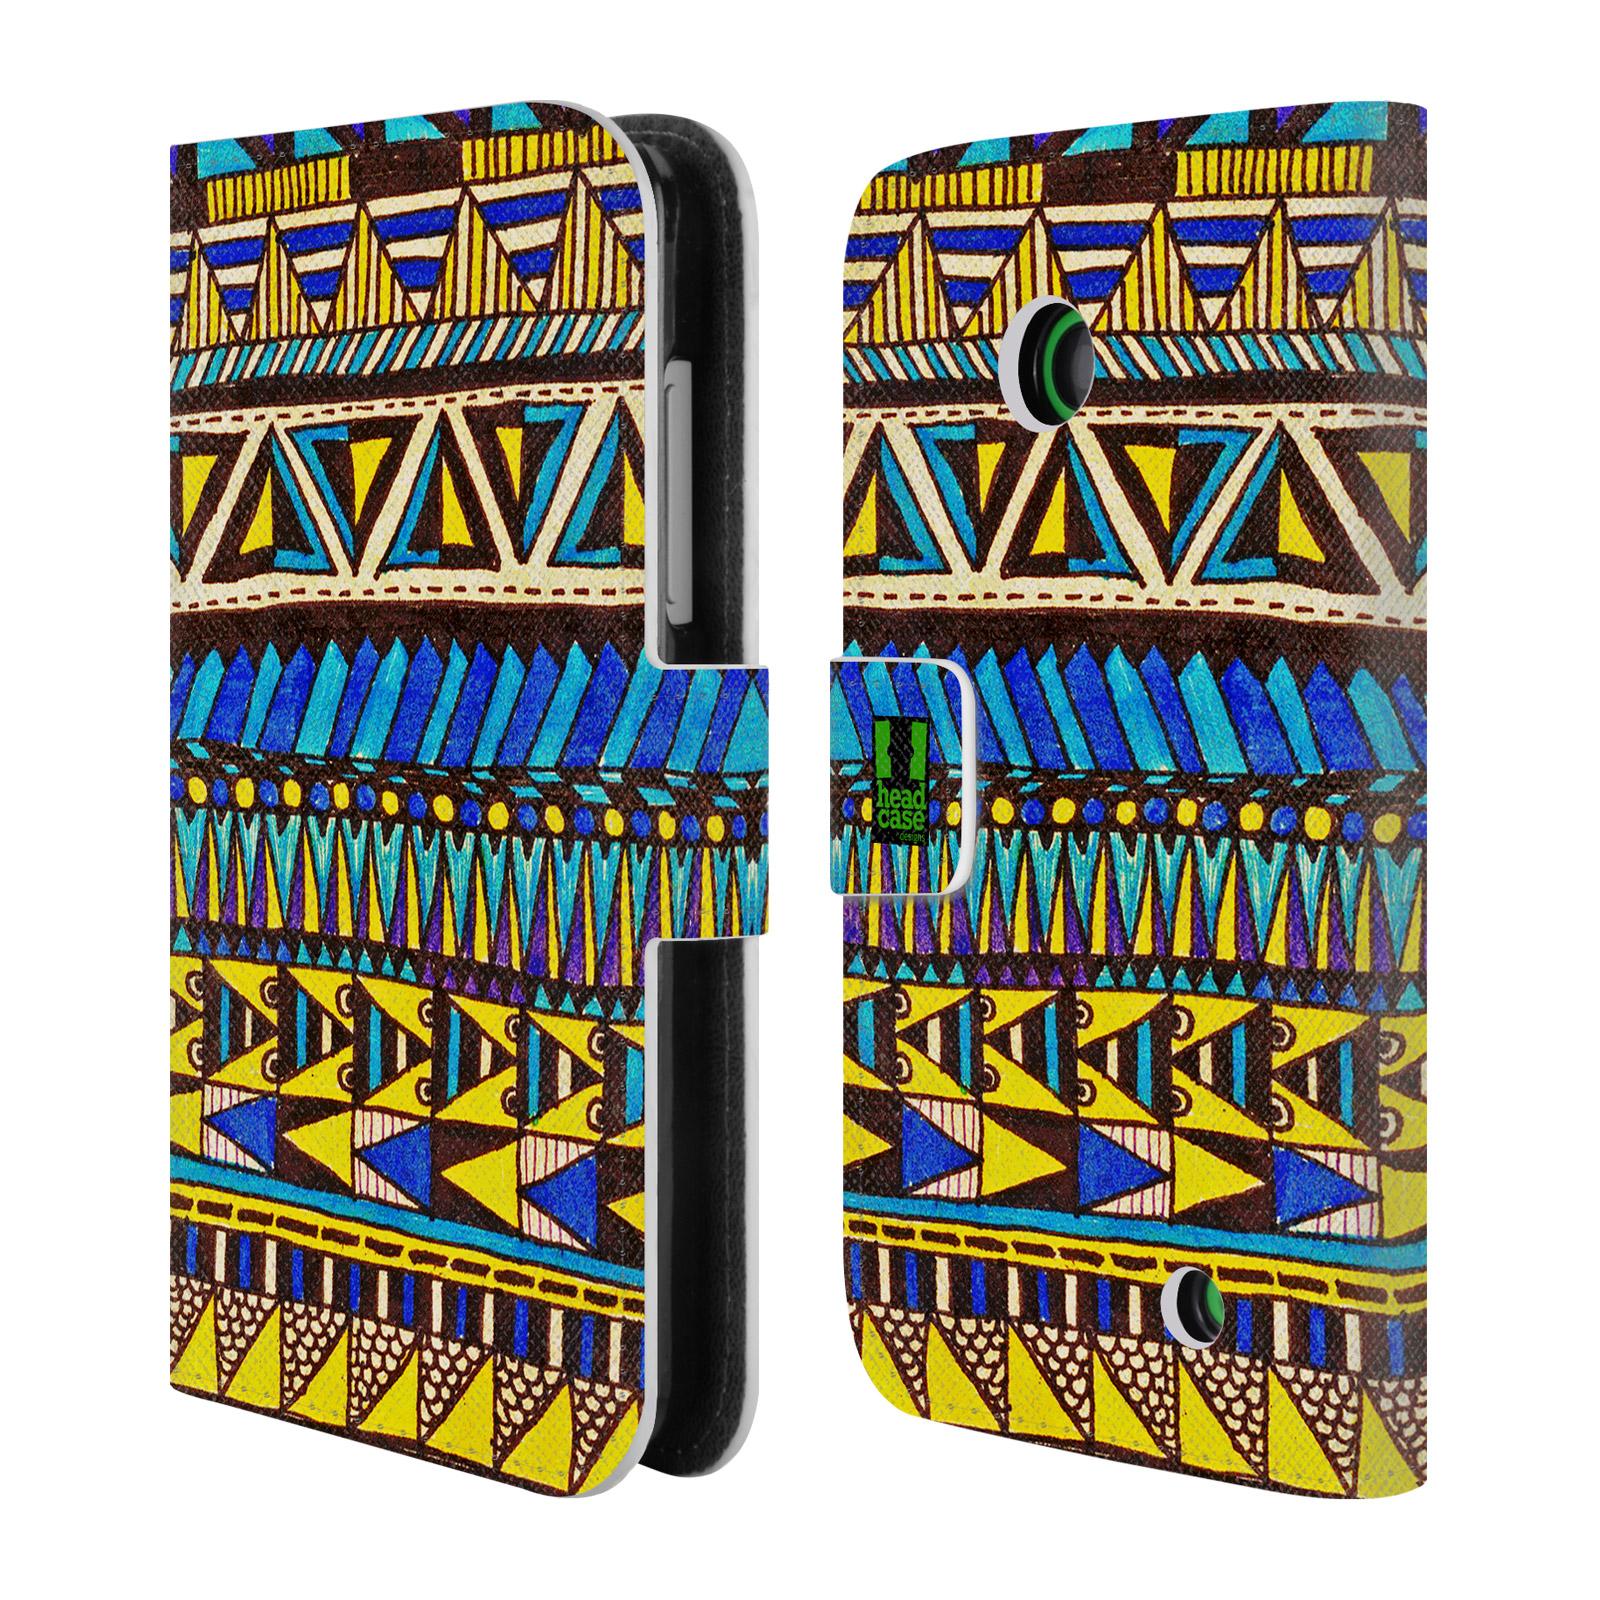 HEAD CASE Flipové pouzdro pro mobil NOKIA LUMIA 630 / LUMIA 630 DUAL Barevná aztécká čmáranice modrá